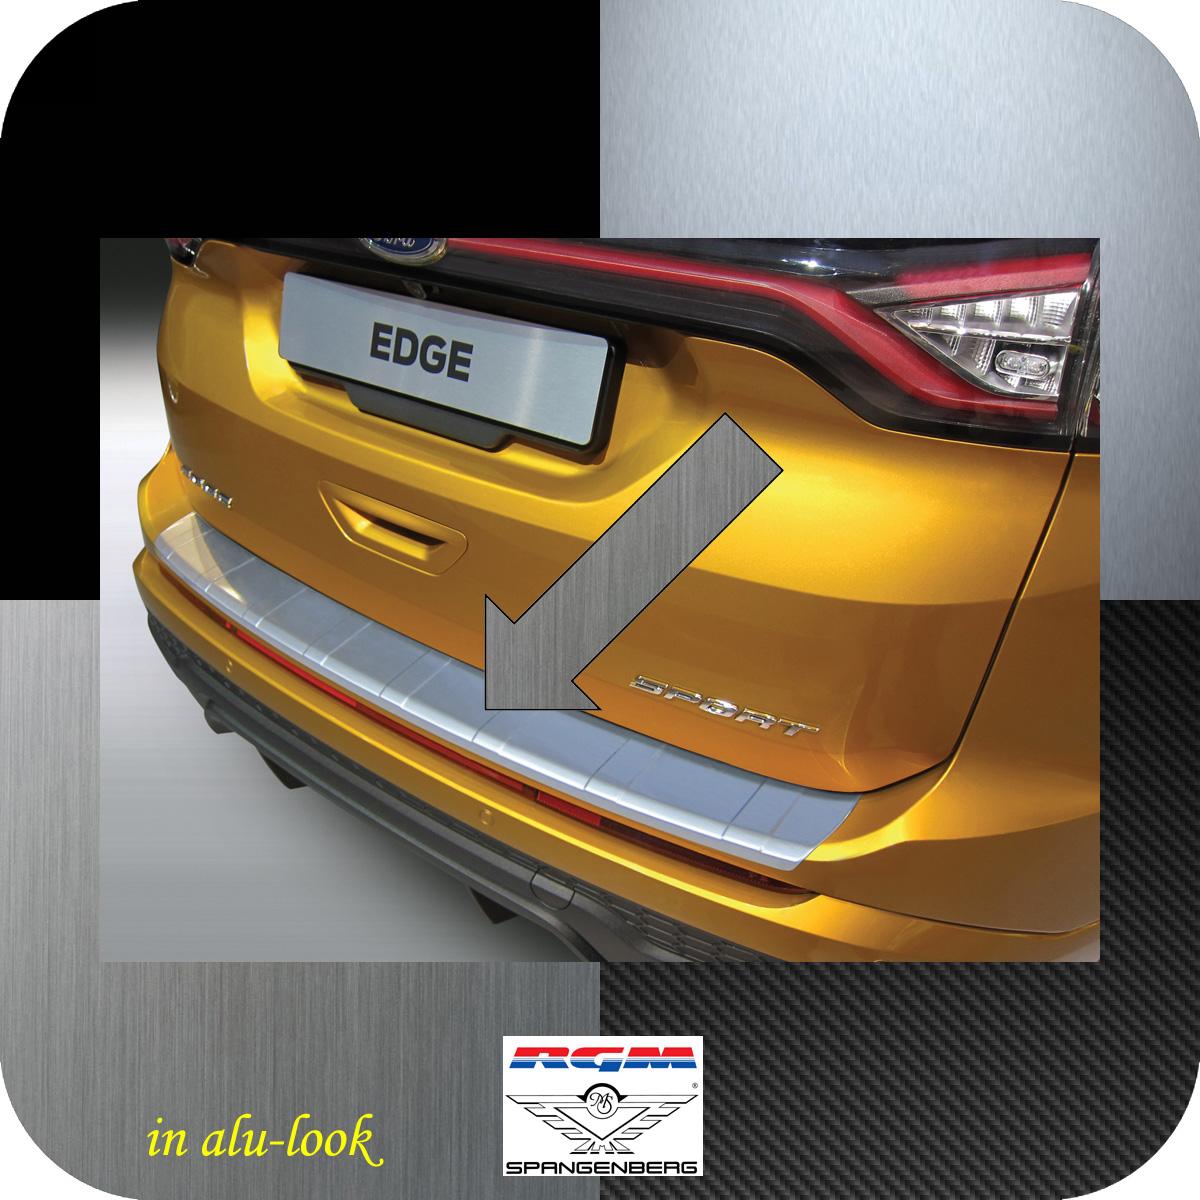 Ladekantenschutz Alu-Look gerippt Ford Edge II vor facelift 2016-18 3504965